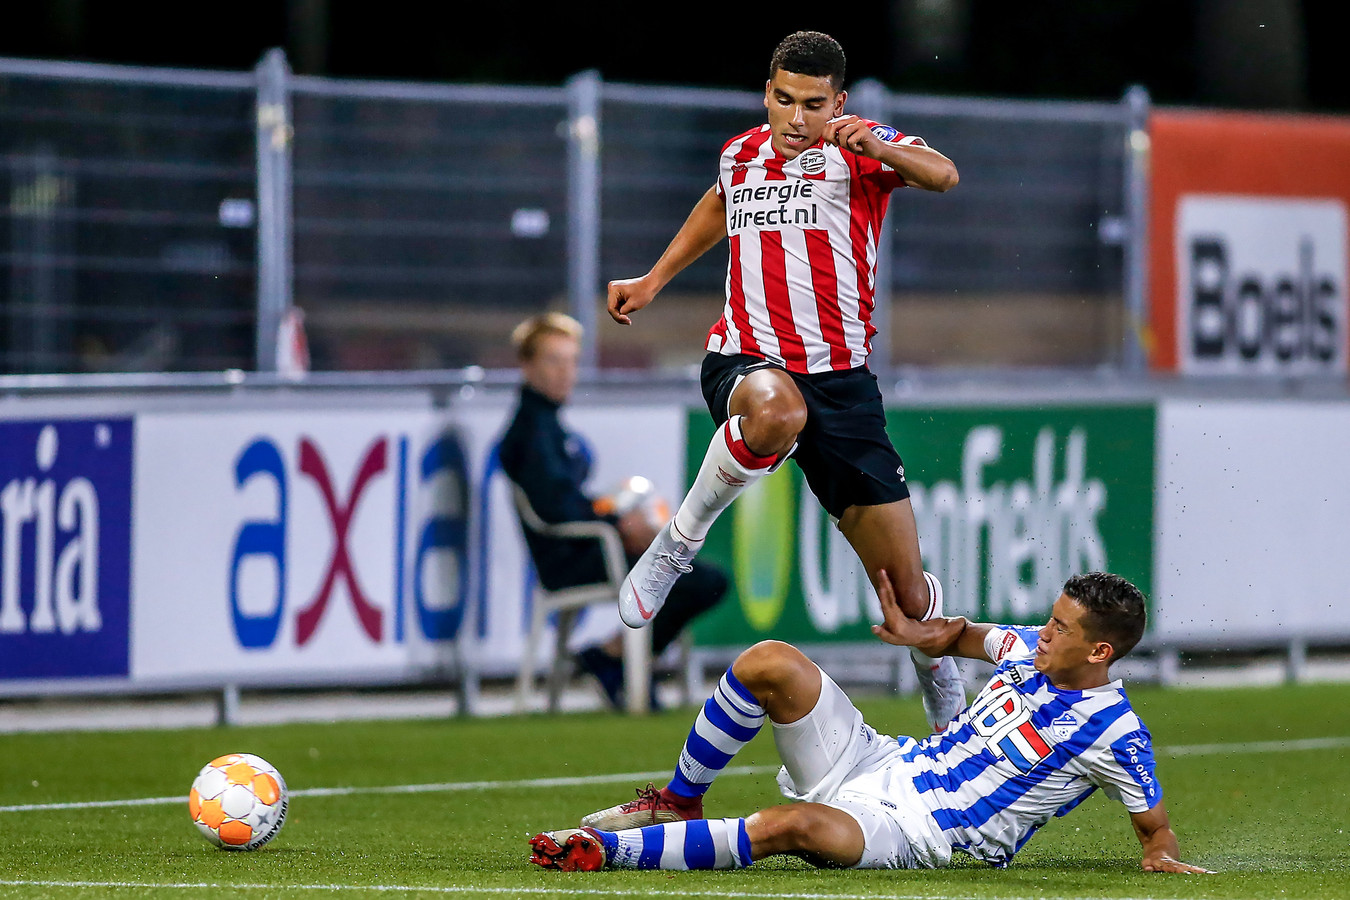 Jay Idzes zet een tackle in,  Zakaria Aboukhlal van Jong PSV ontwijkt.